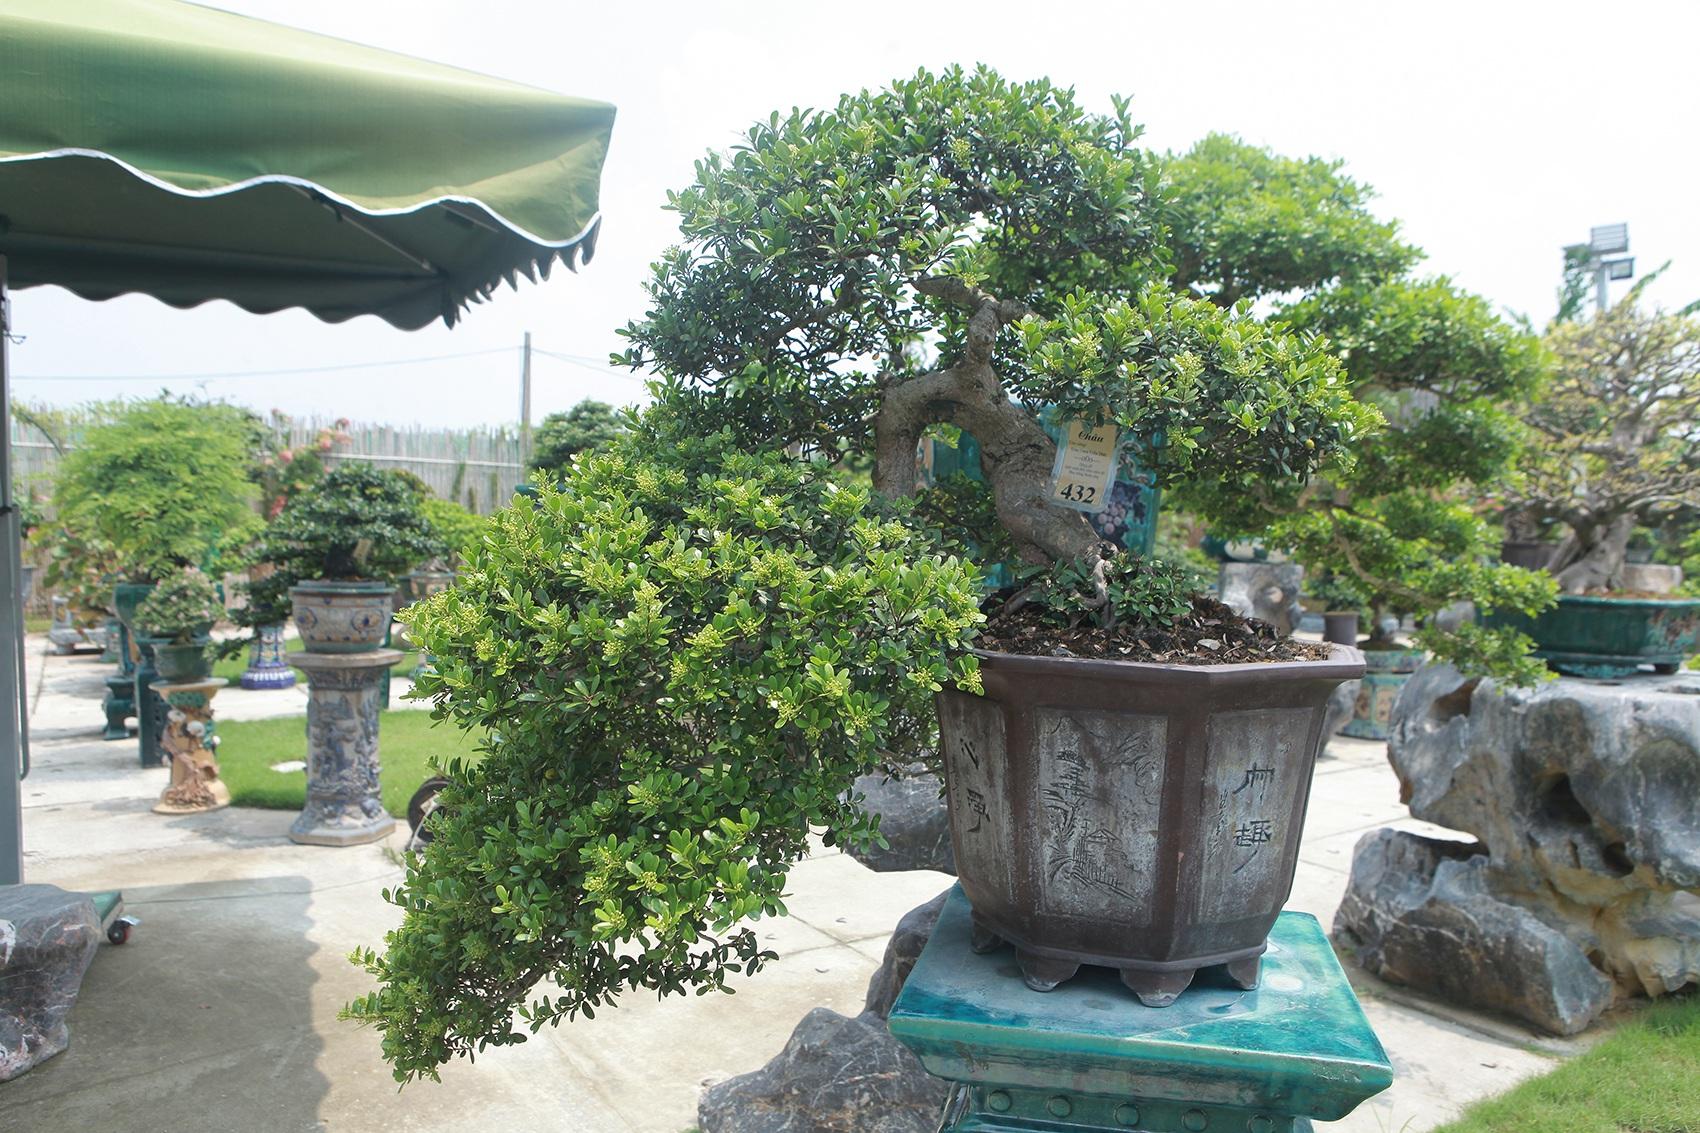 Mục sở thị khu vườn gần 1.000 cây cảnh bonsai hiếm có đất Hà Thành - 9